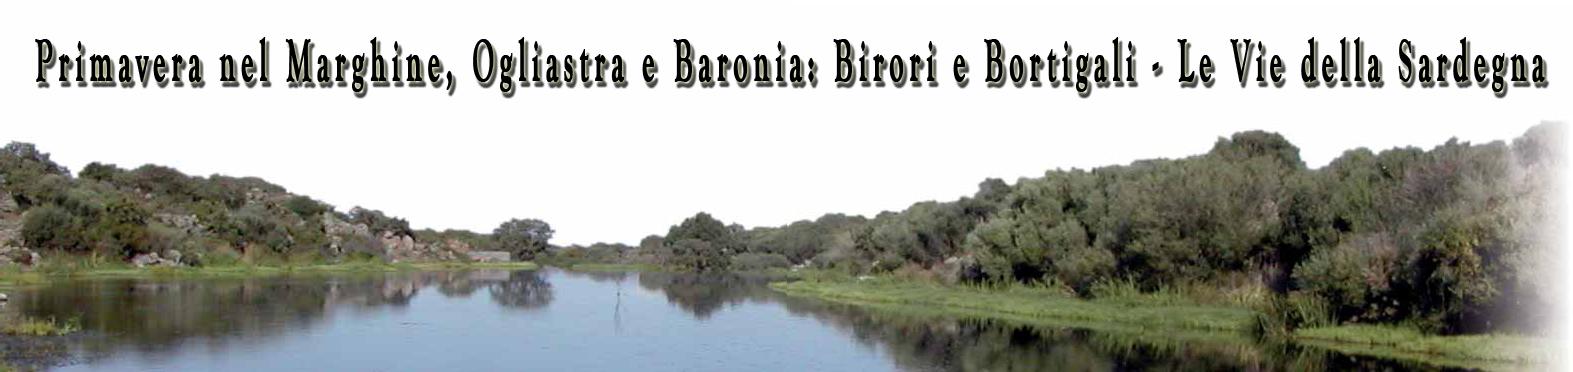 Primavera a Birori e Bortigali - Panorama